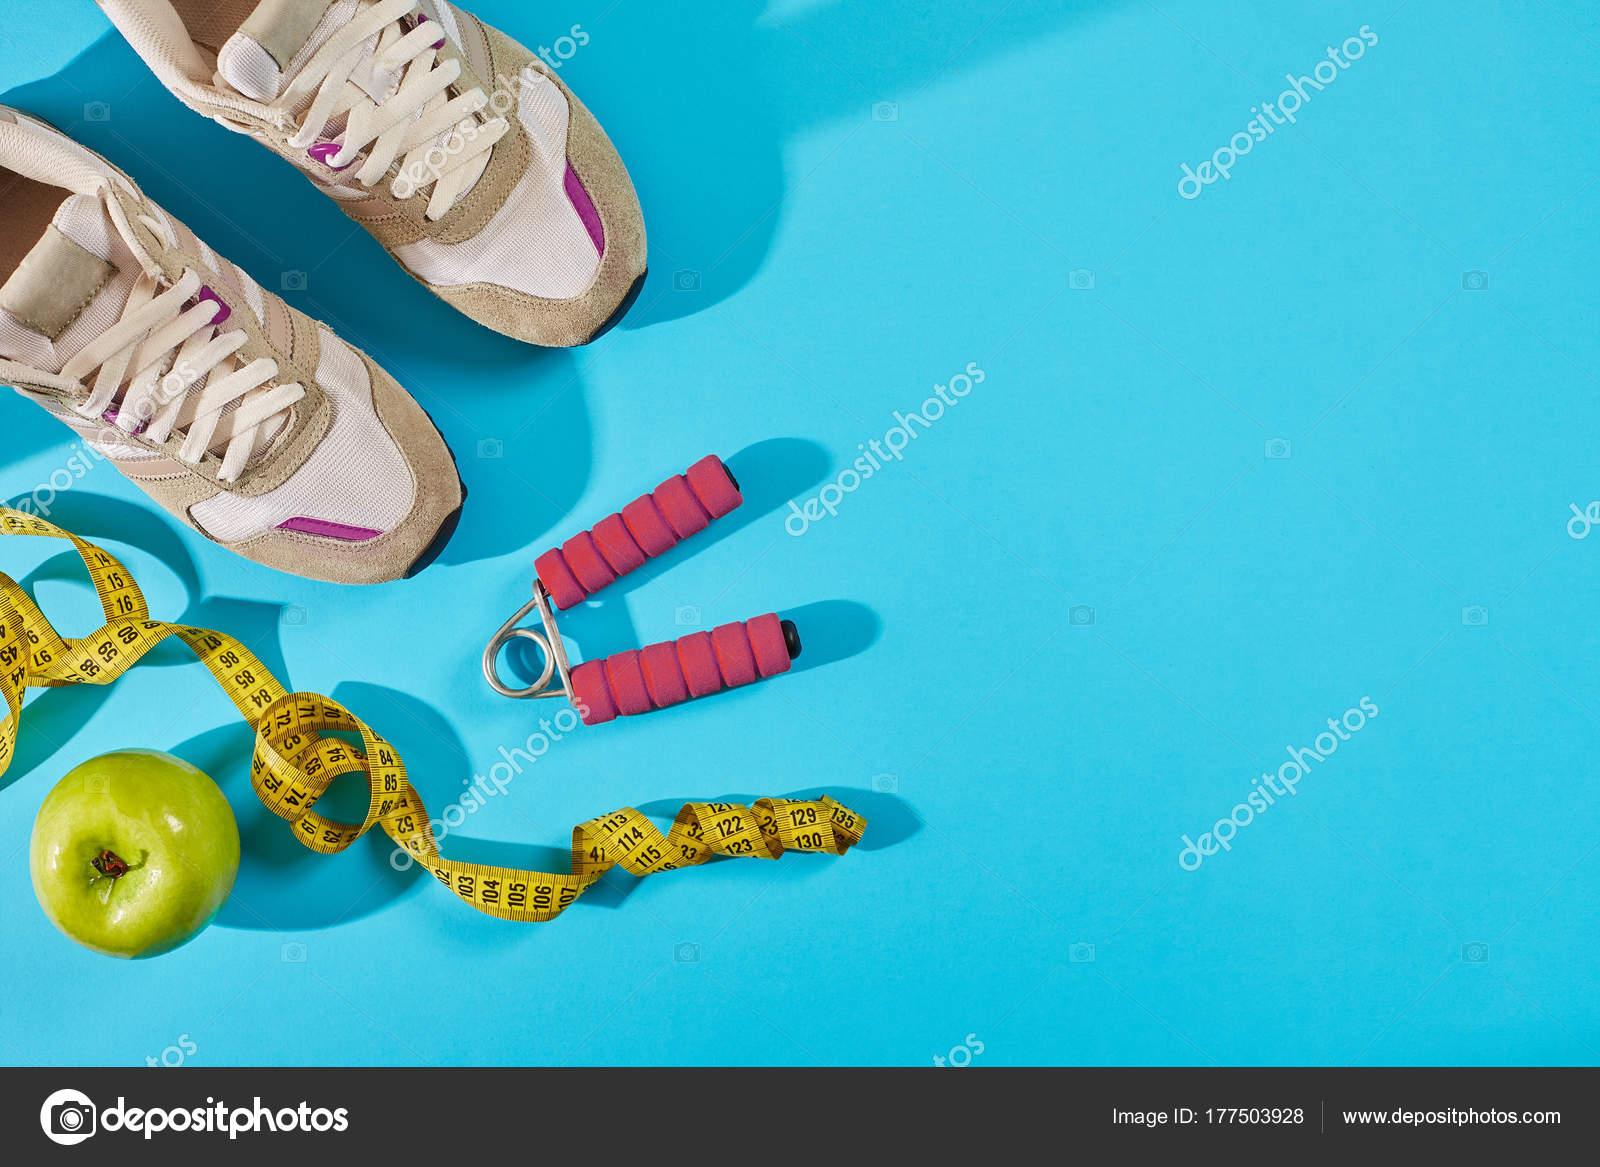 1106dda4a2c Πάνινα παπούτσια με μεζούρα σε κυανό μπλε φόντο. Εκατοστό σε κίτρινο χρώμα  κοντά στο λευκό